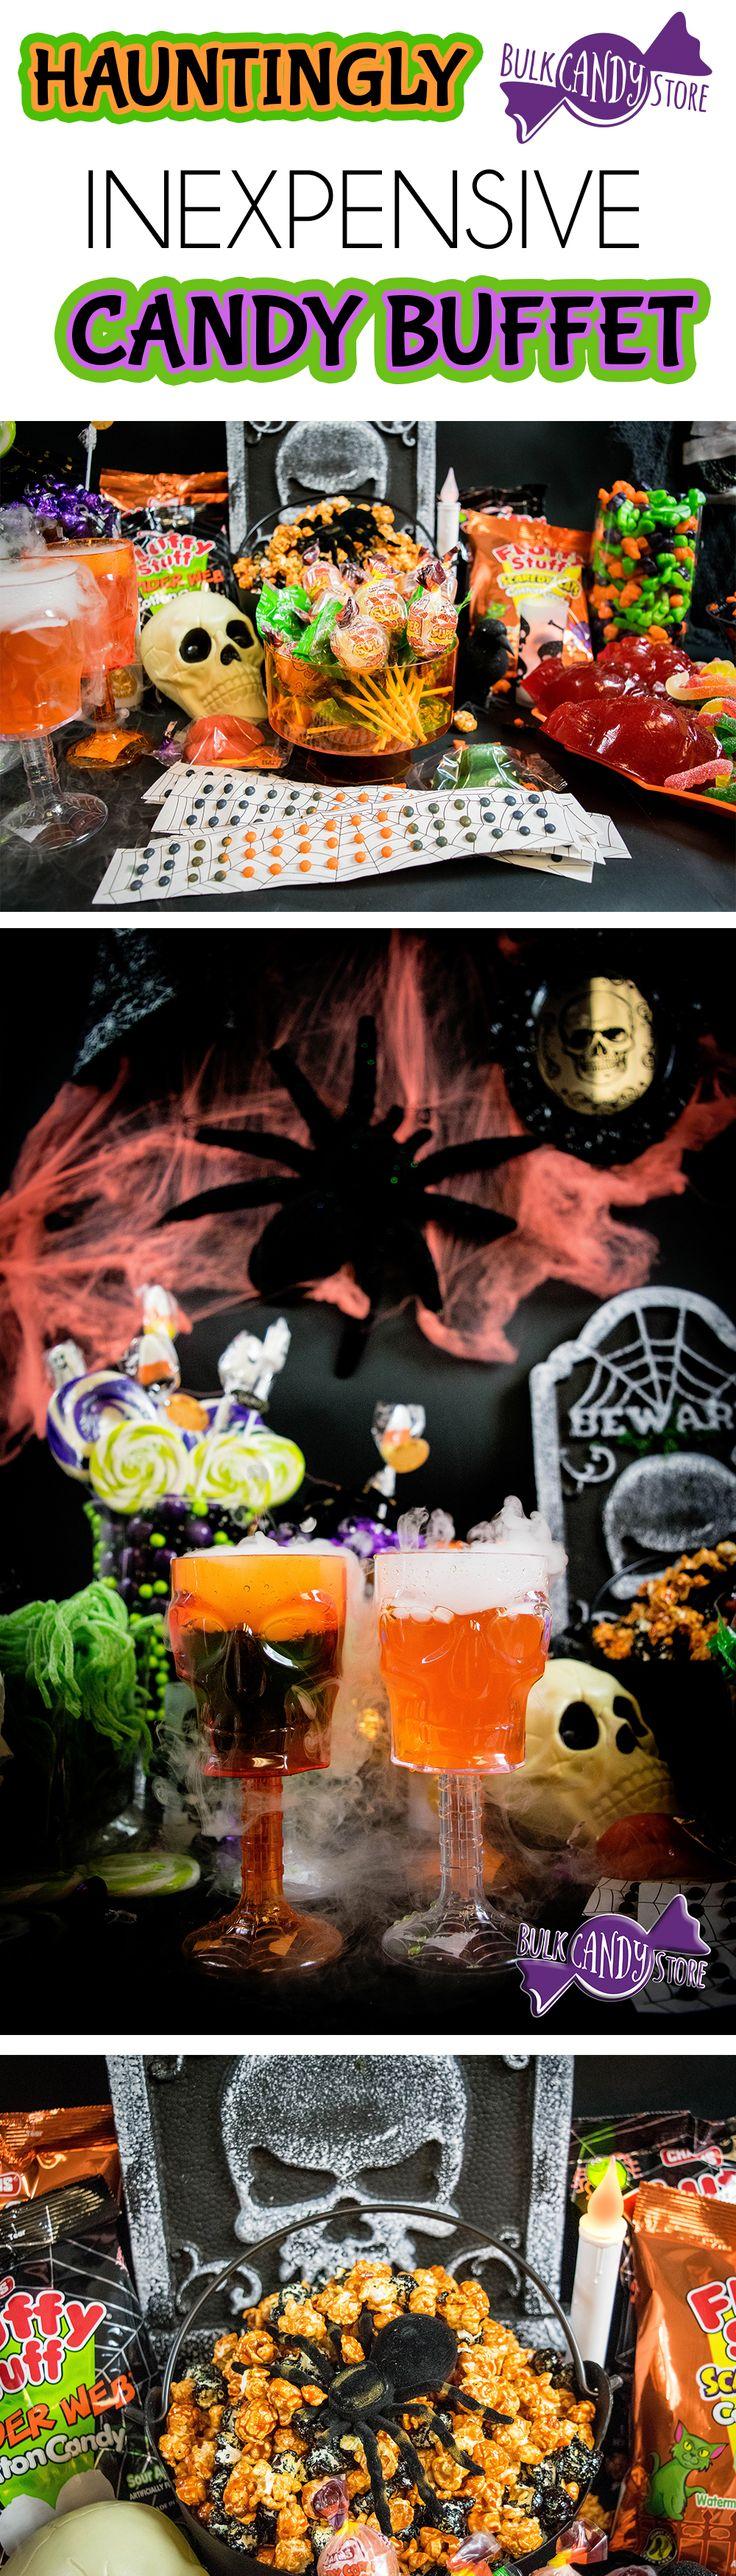 Halloween candy buffet idea - Hauntingly Inexpensive Halloween Buffet Bulk Candy Store Blog